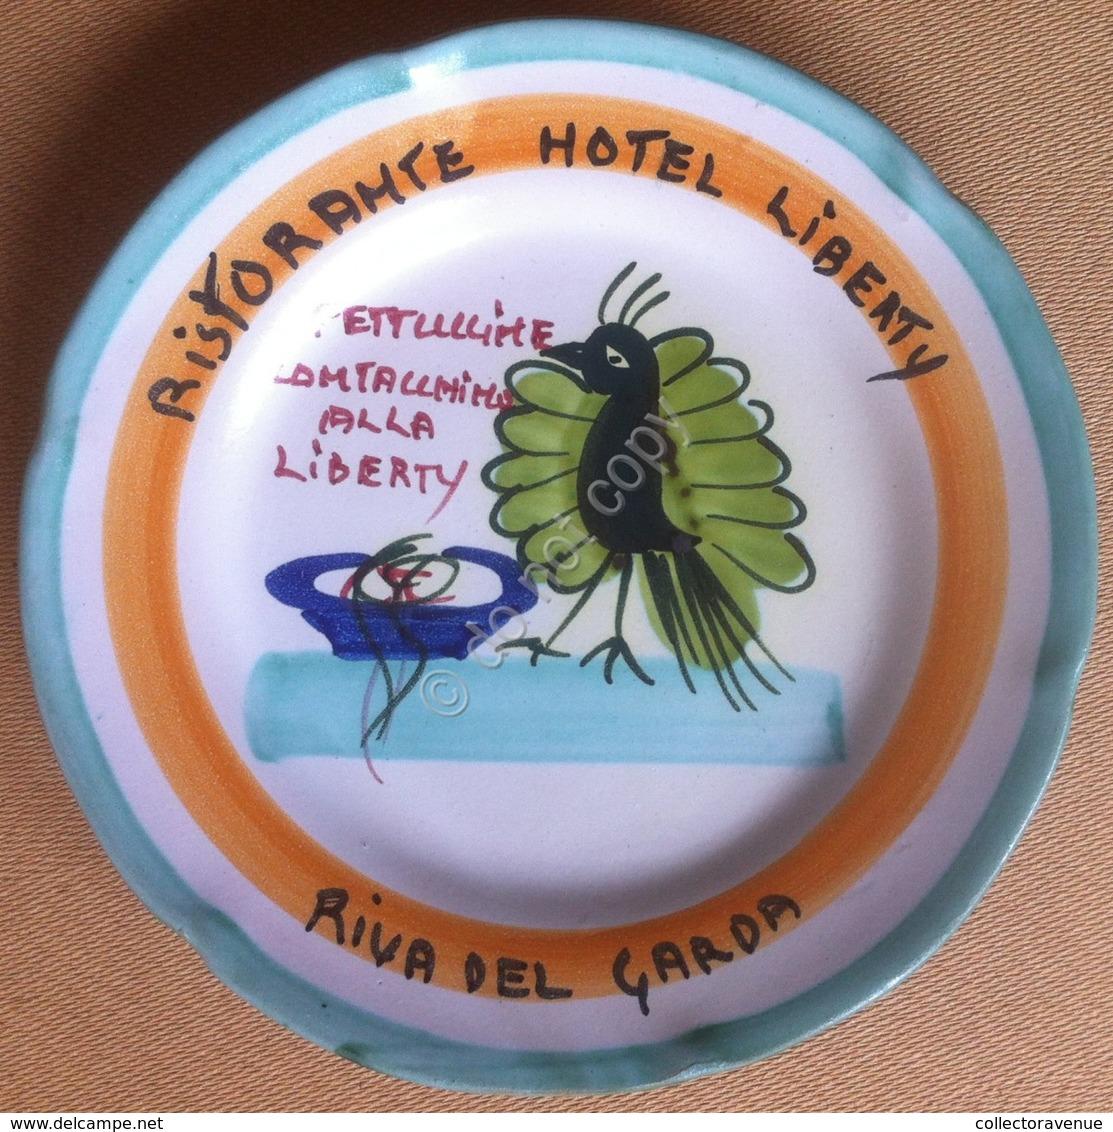 Piatto Buon Ricordo - Riva Del Garda - Liberty - Fettuccine (2° Bordo Verde) 11G - Oggetti 'Ricordo Di'